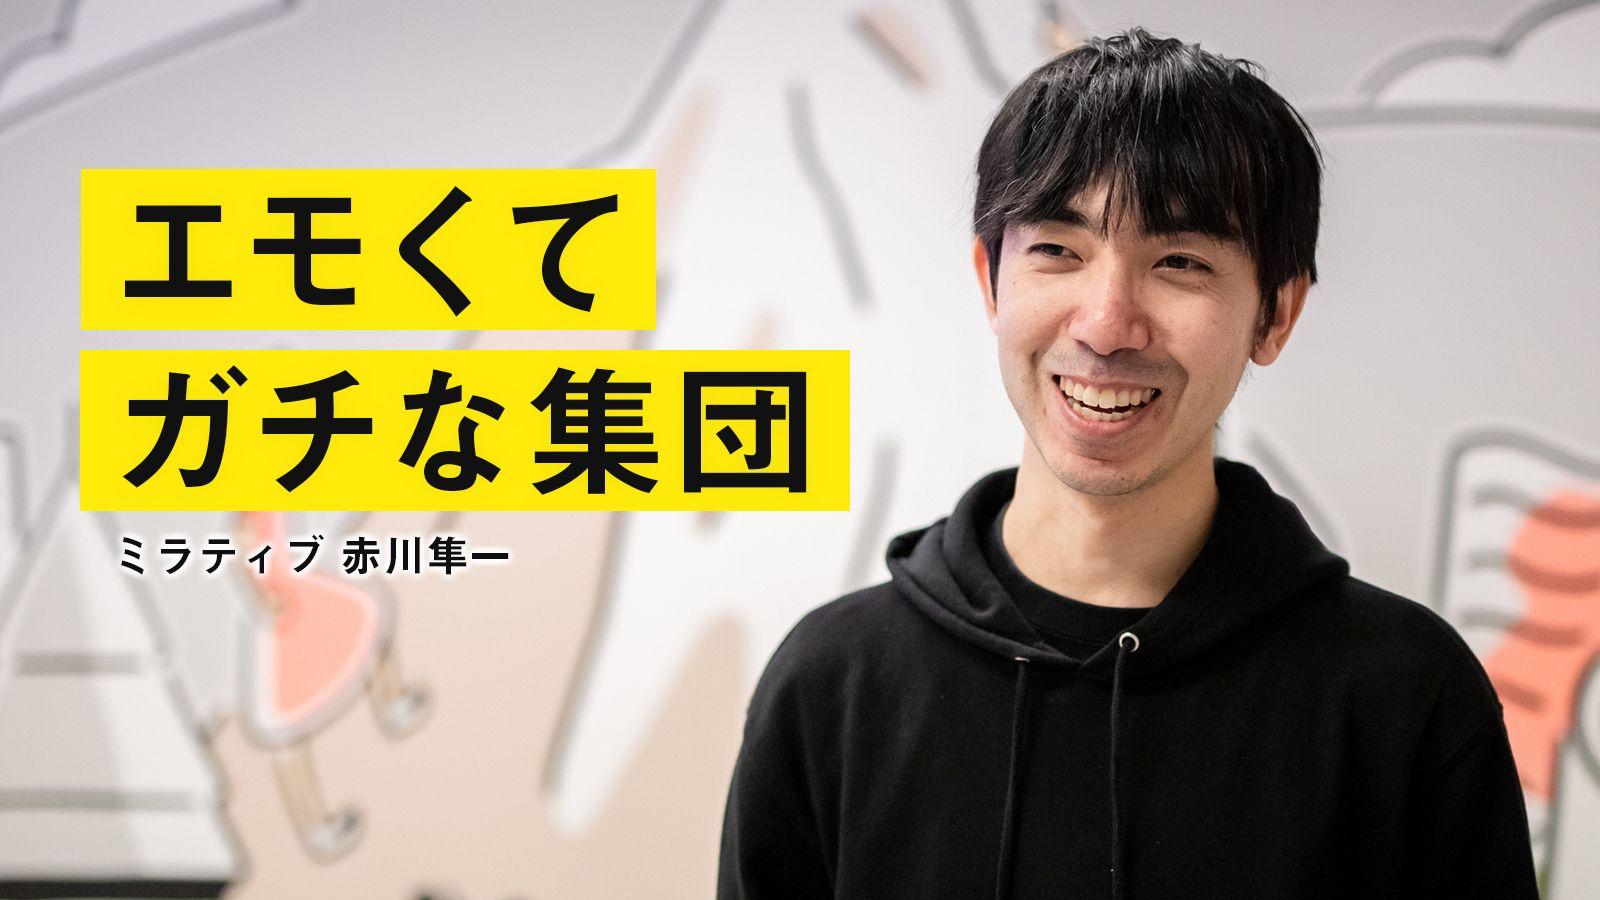 ミラティブ 赤川隼一は、経営会議の最優先テーマを「採用」に置く